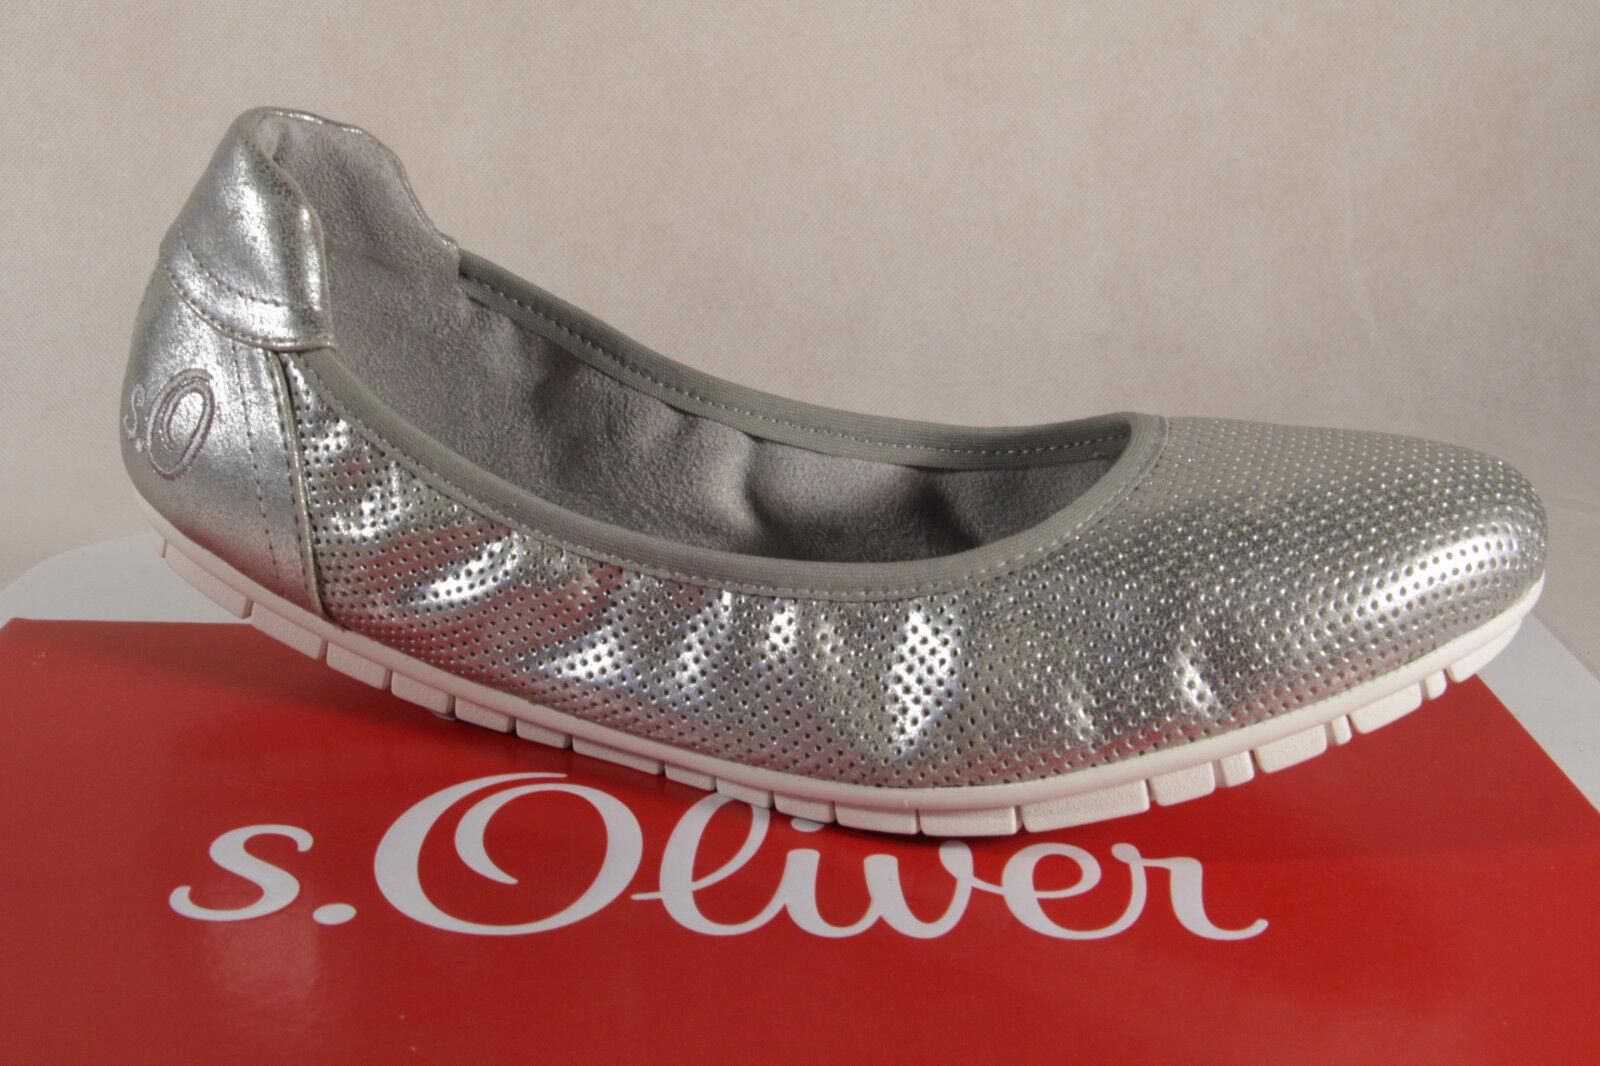 S.Oliver Zapatillas de Bailarina Zapatillas Zapatos Zapatos Zapatos de Tacón Plata Nuevo  tienda